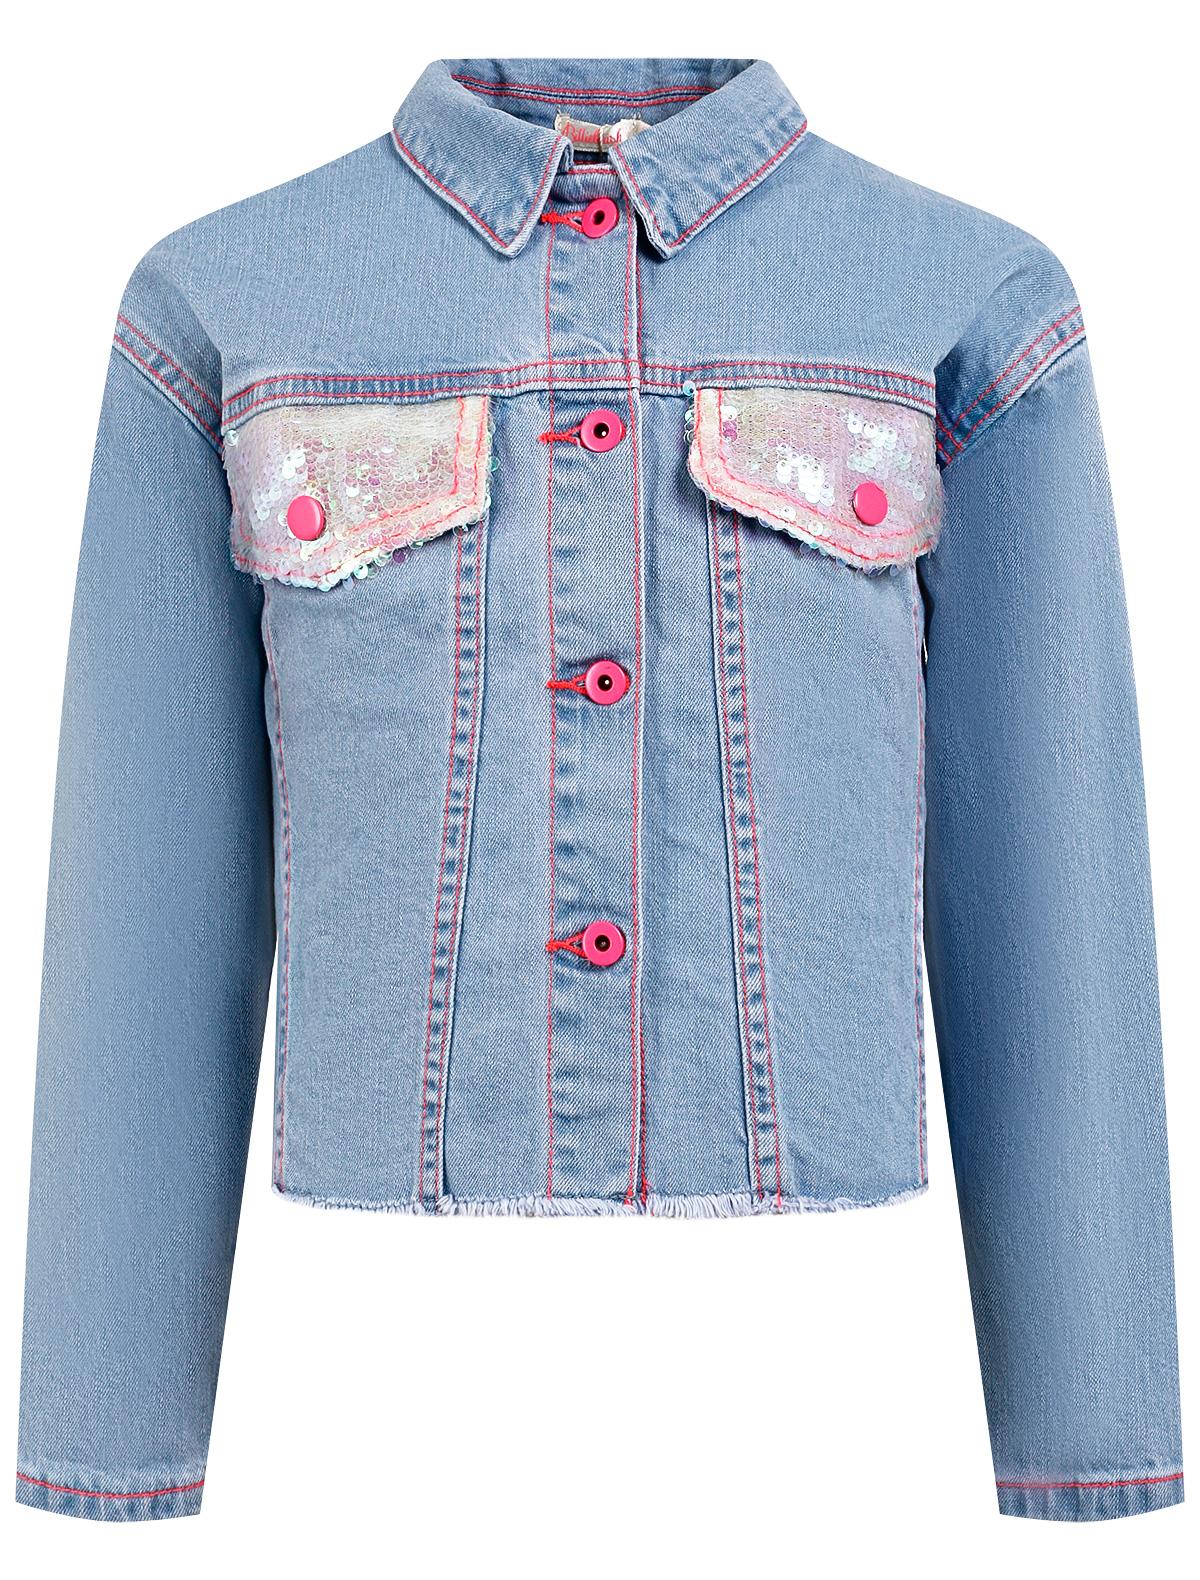 Купить 2311275, Куртка Billieblush, голубой, Женский, 1074509173953